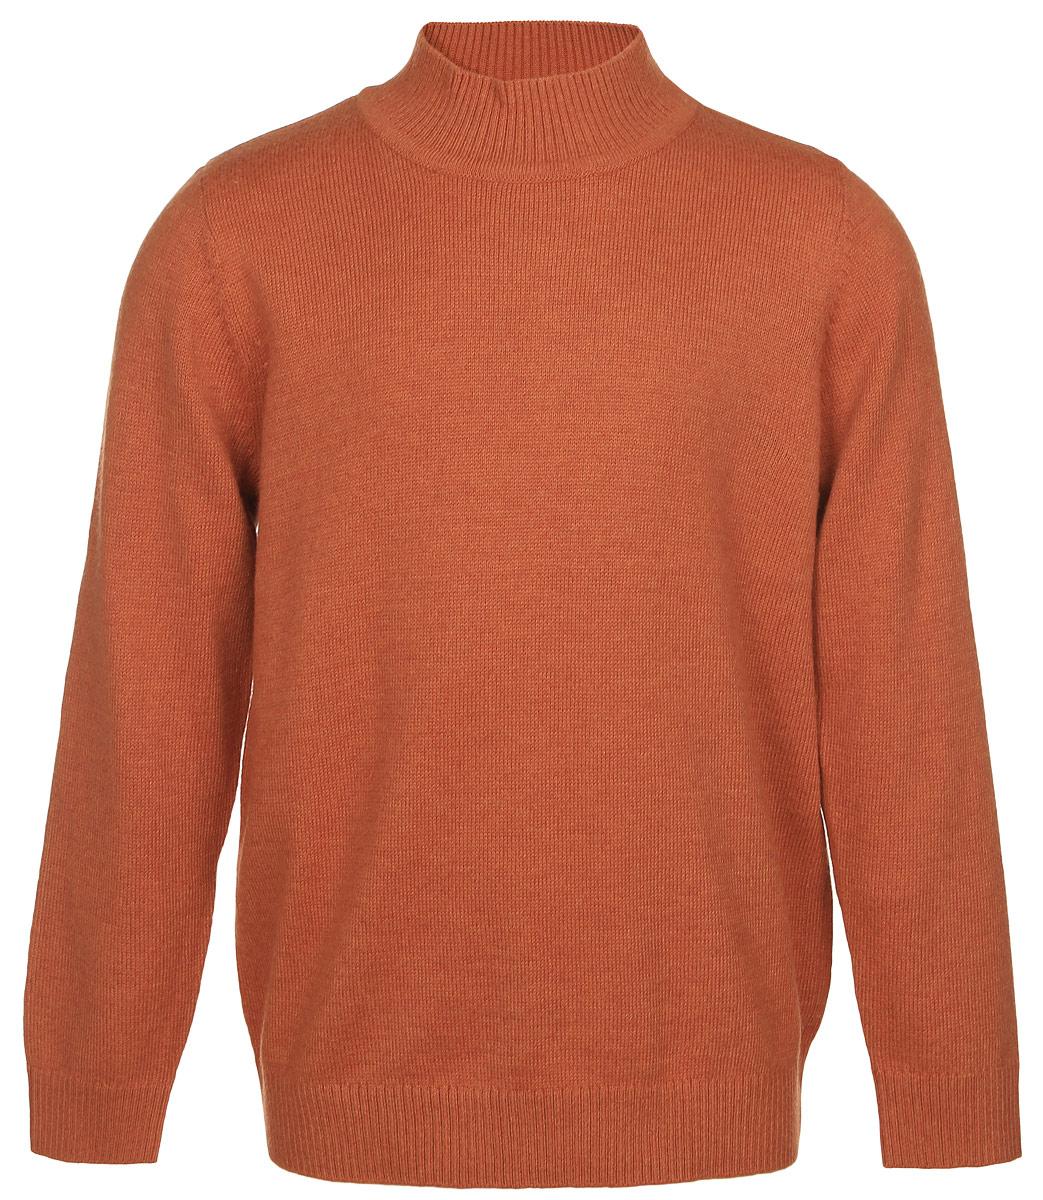 Джемпер для мальчика Sela, цвет: темно-оранжевый. JR-714/163-6332. Размер 98, 3 годаJR-714/163-6332Джемпер для мальчика Sela идеально подойдет маленькому моднику. Изготовленный из хлопка с добавлением нейлона и шерсти, он необычайно мягкий и тактильно приятный, не стесняет движений, хорошо пропускает воздух. Джемпер с длинными рукавами имеет небольшой воротник-стойку. Воротник, манжеты и низ изделия связаны резинкой, что предотвращает деформацию при носке. Дизайн и расцветка делают этот джемпер стильным и модным предметом детского гардероба. В нем ребенку будет уютно и тепло!